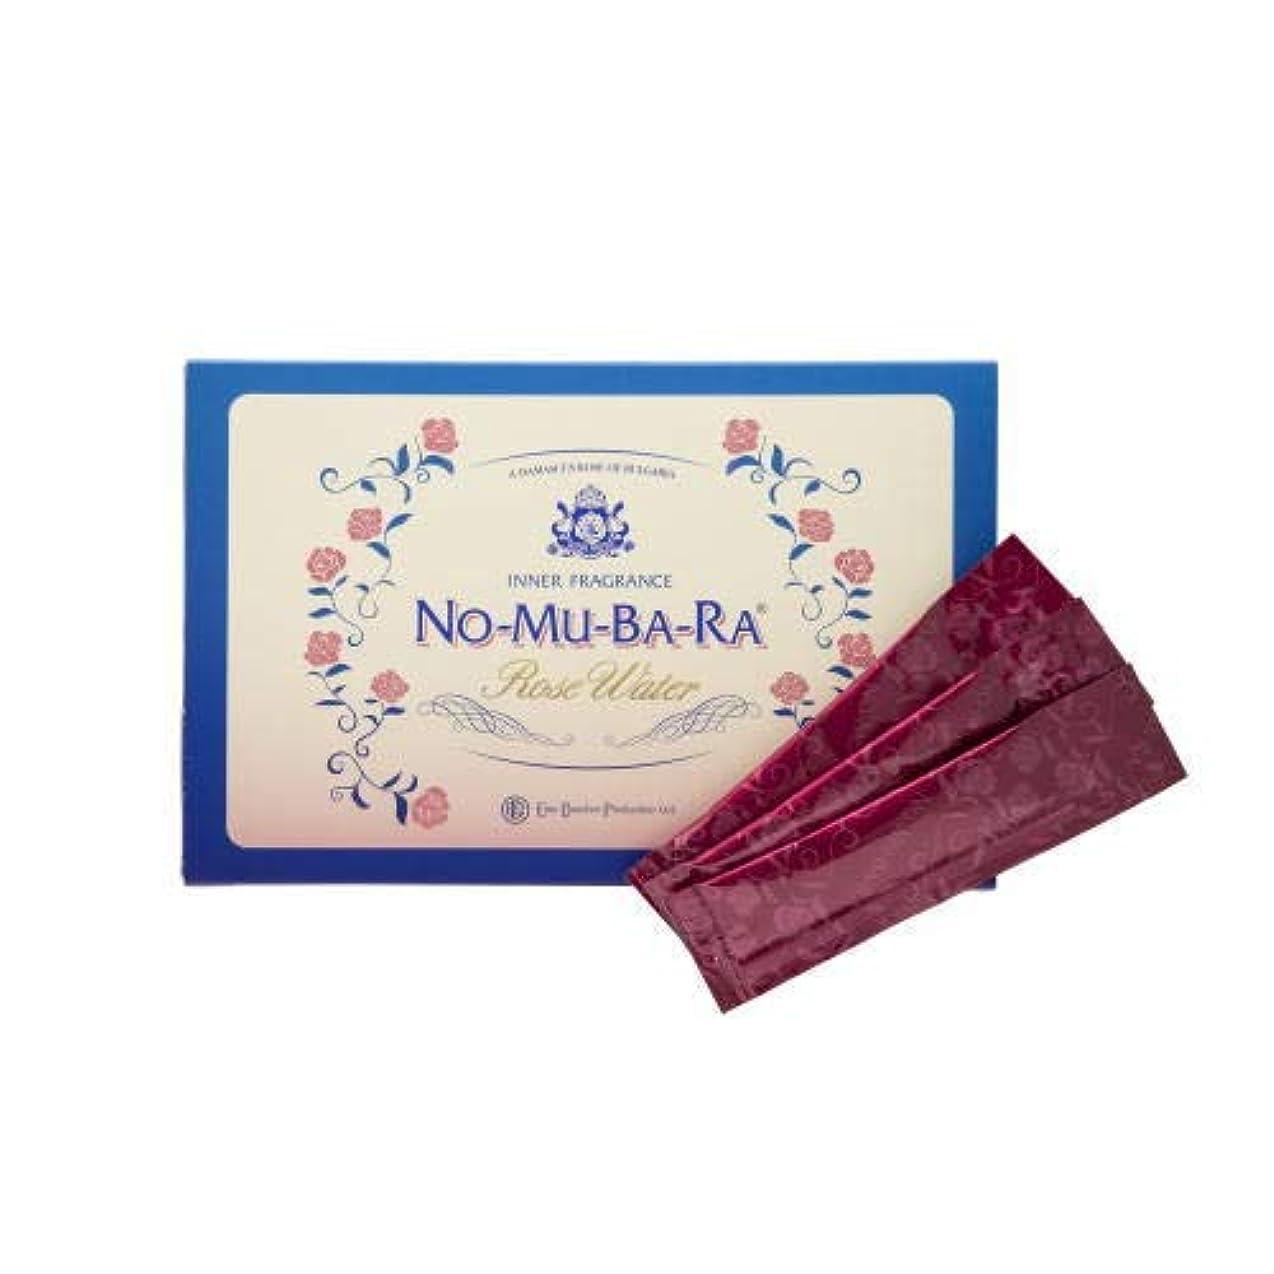 件名違法攻撃NO-MU-BA-RA NO-MU-BA-RA(ノムバラ)(35包入)×2箱【モンドセレクション受賞】